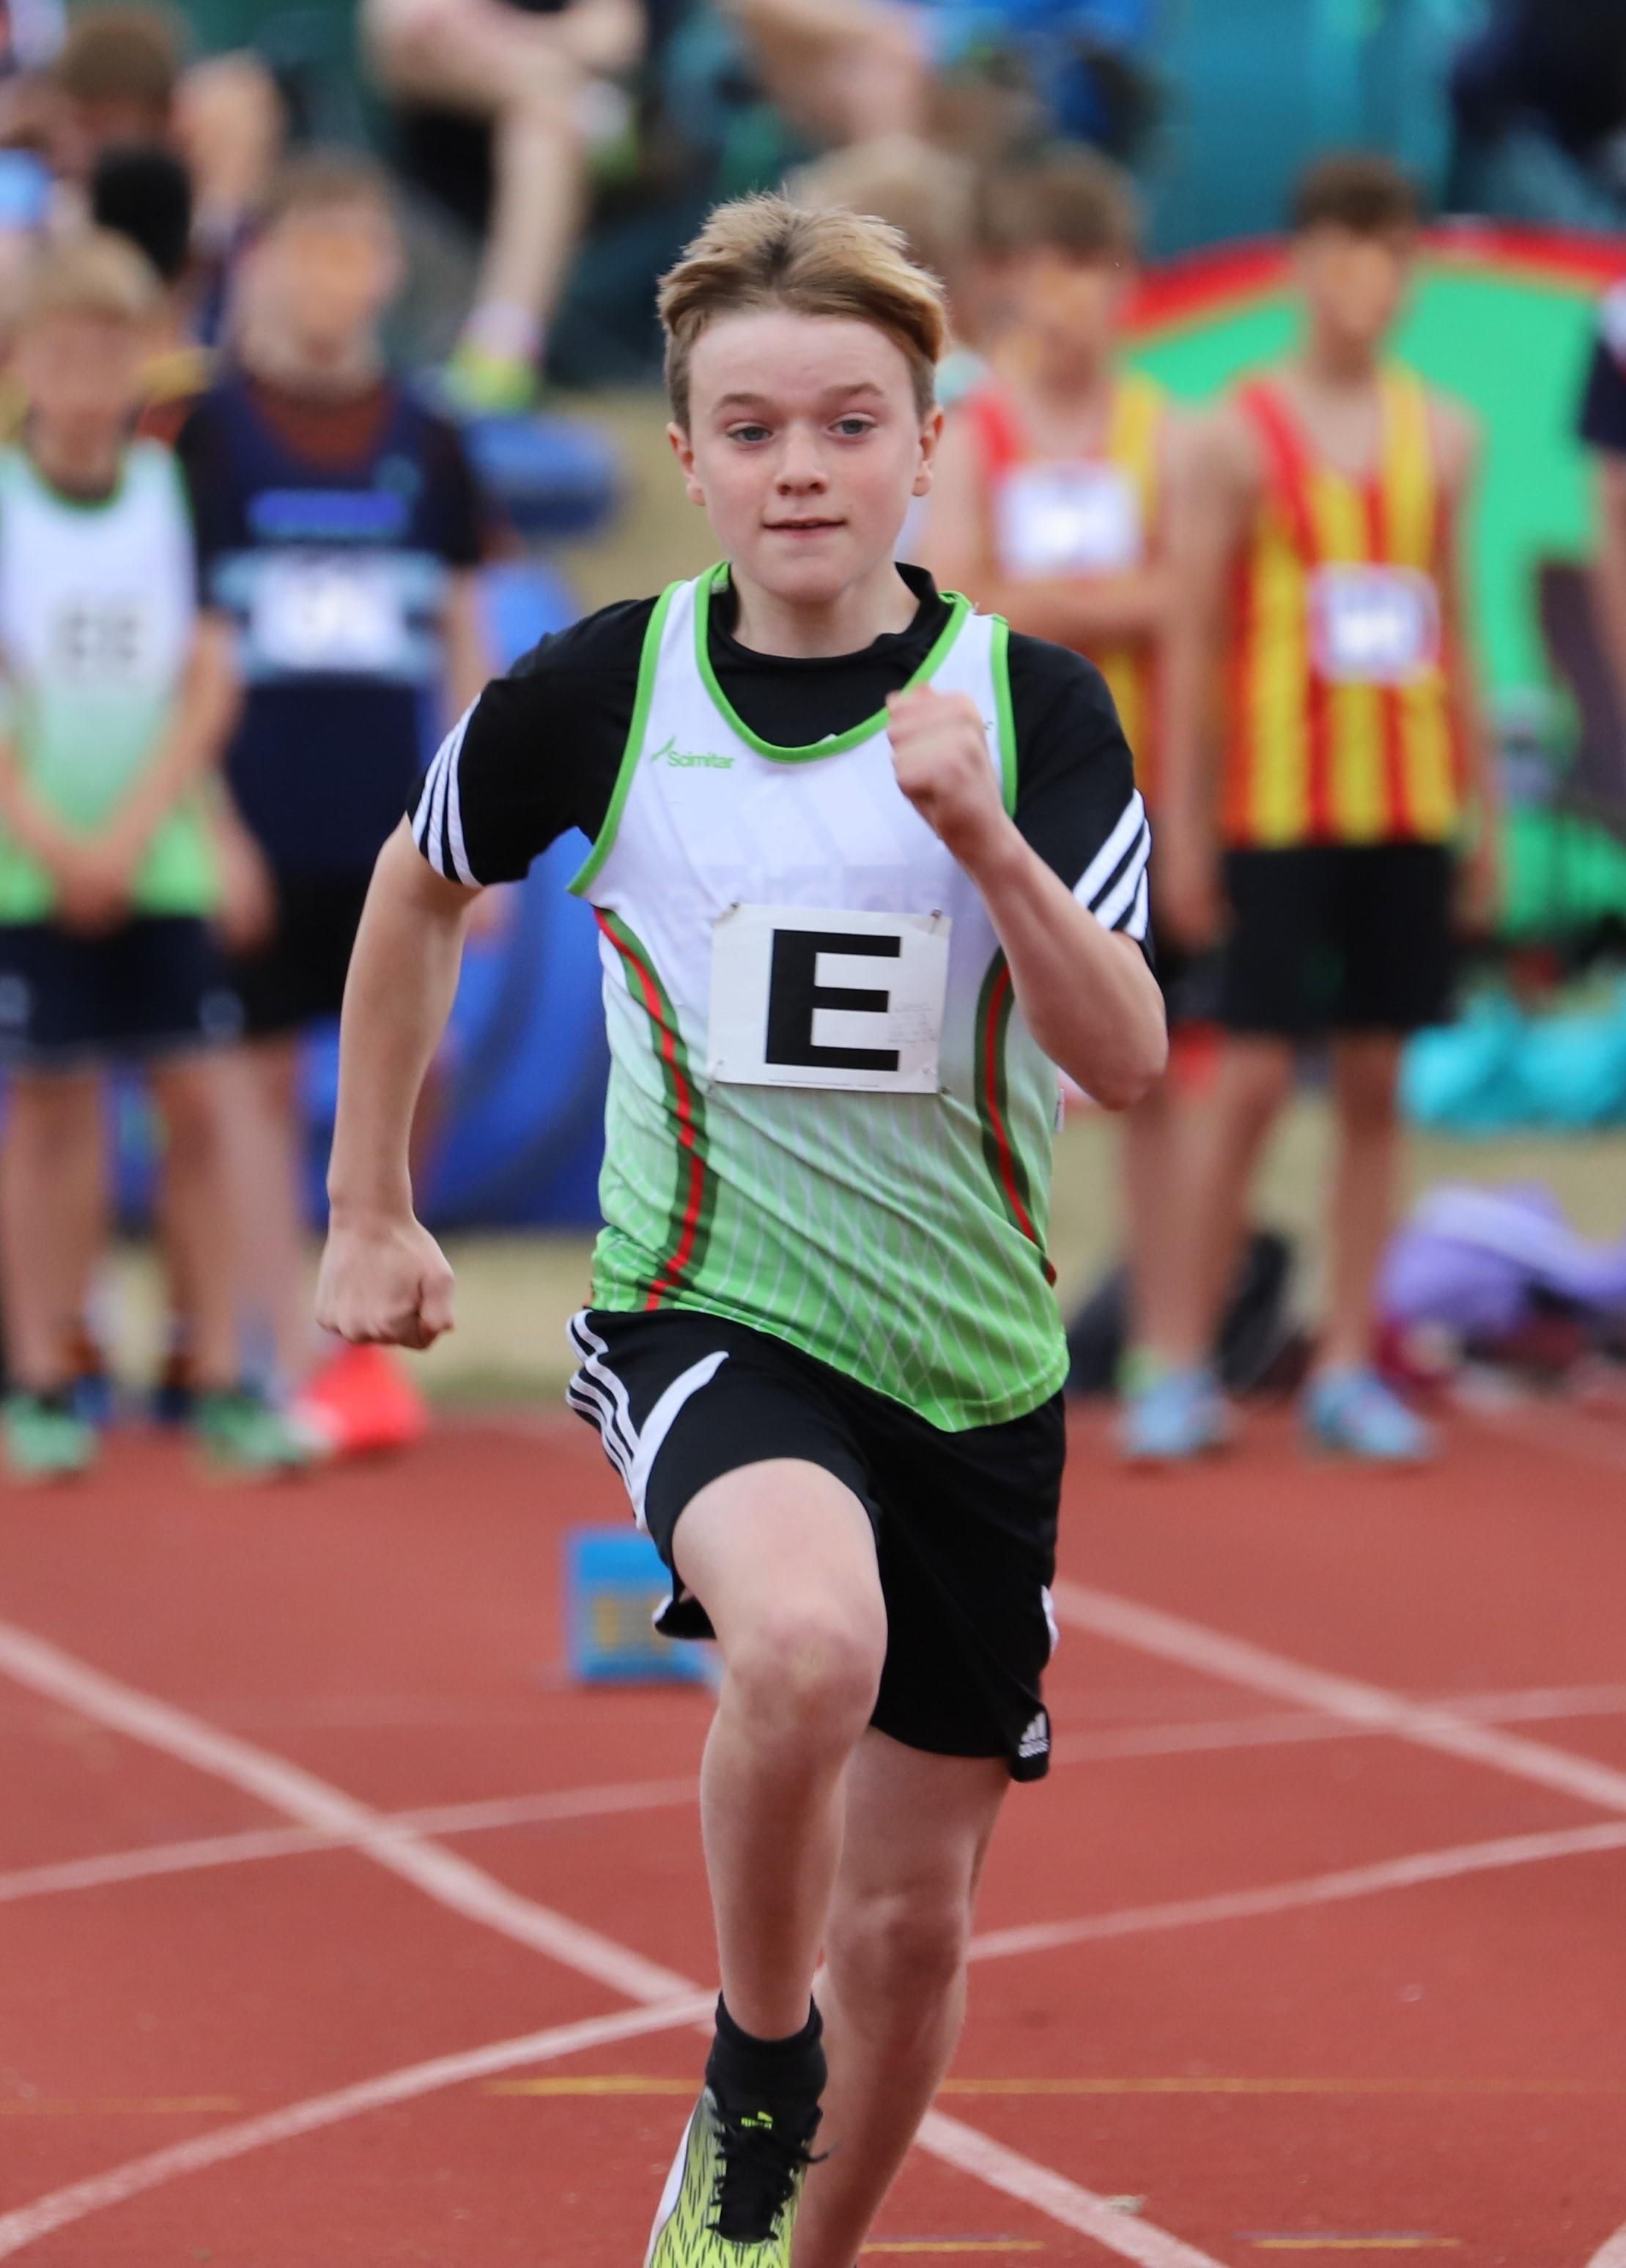 Ciaran sprint